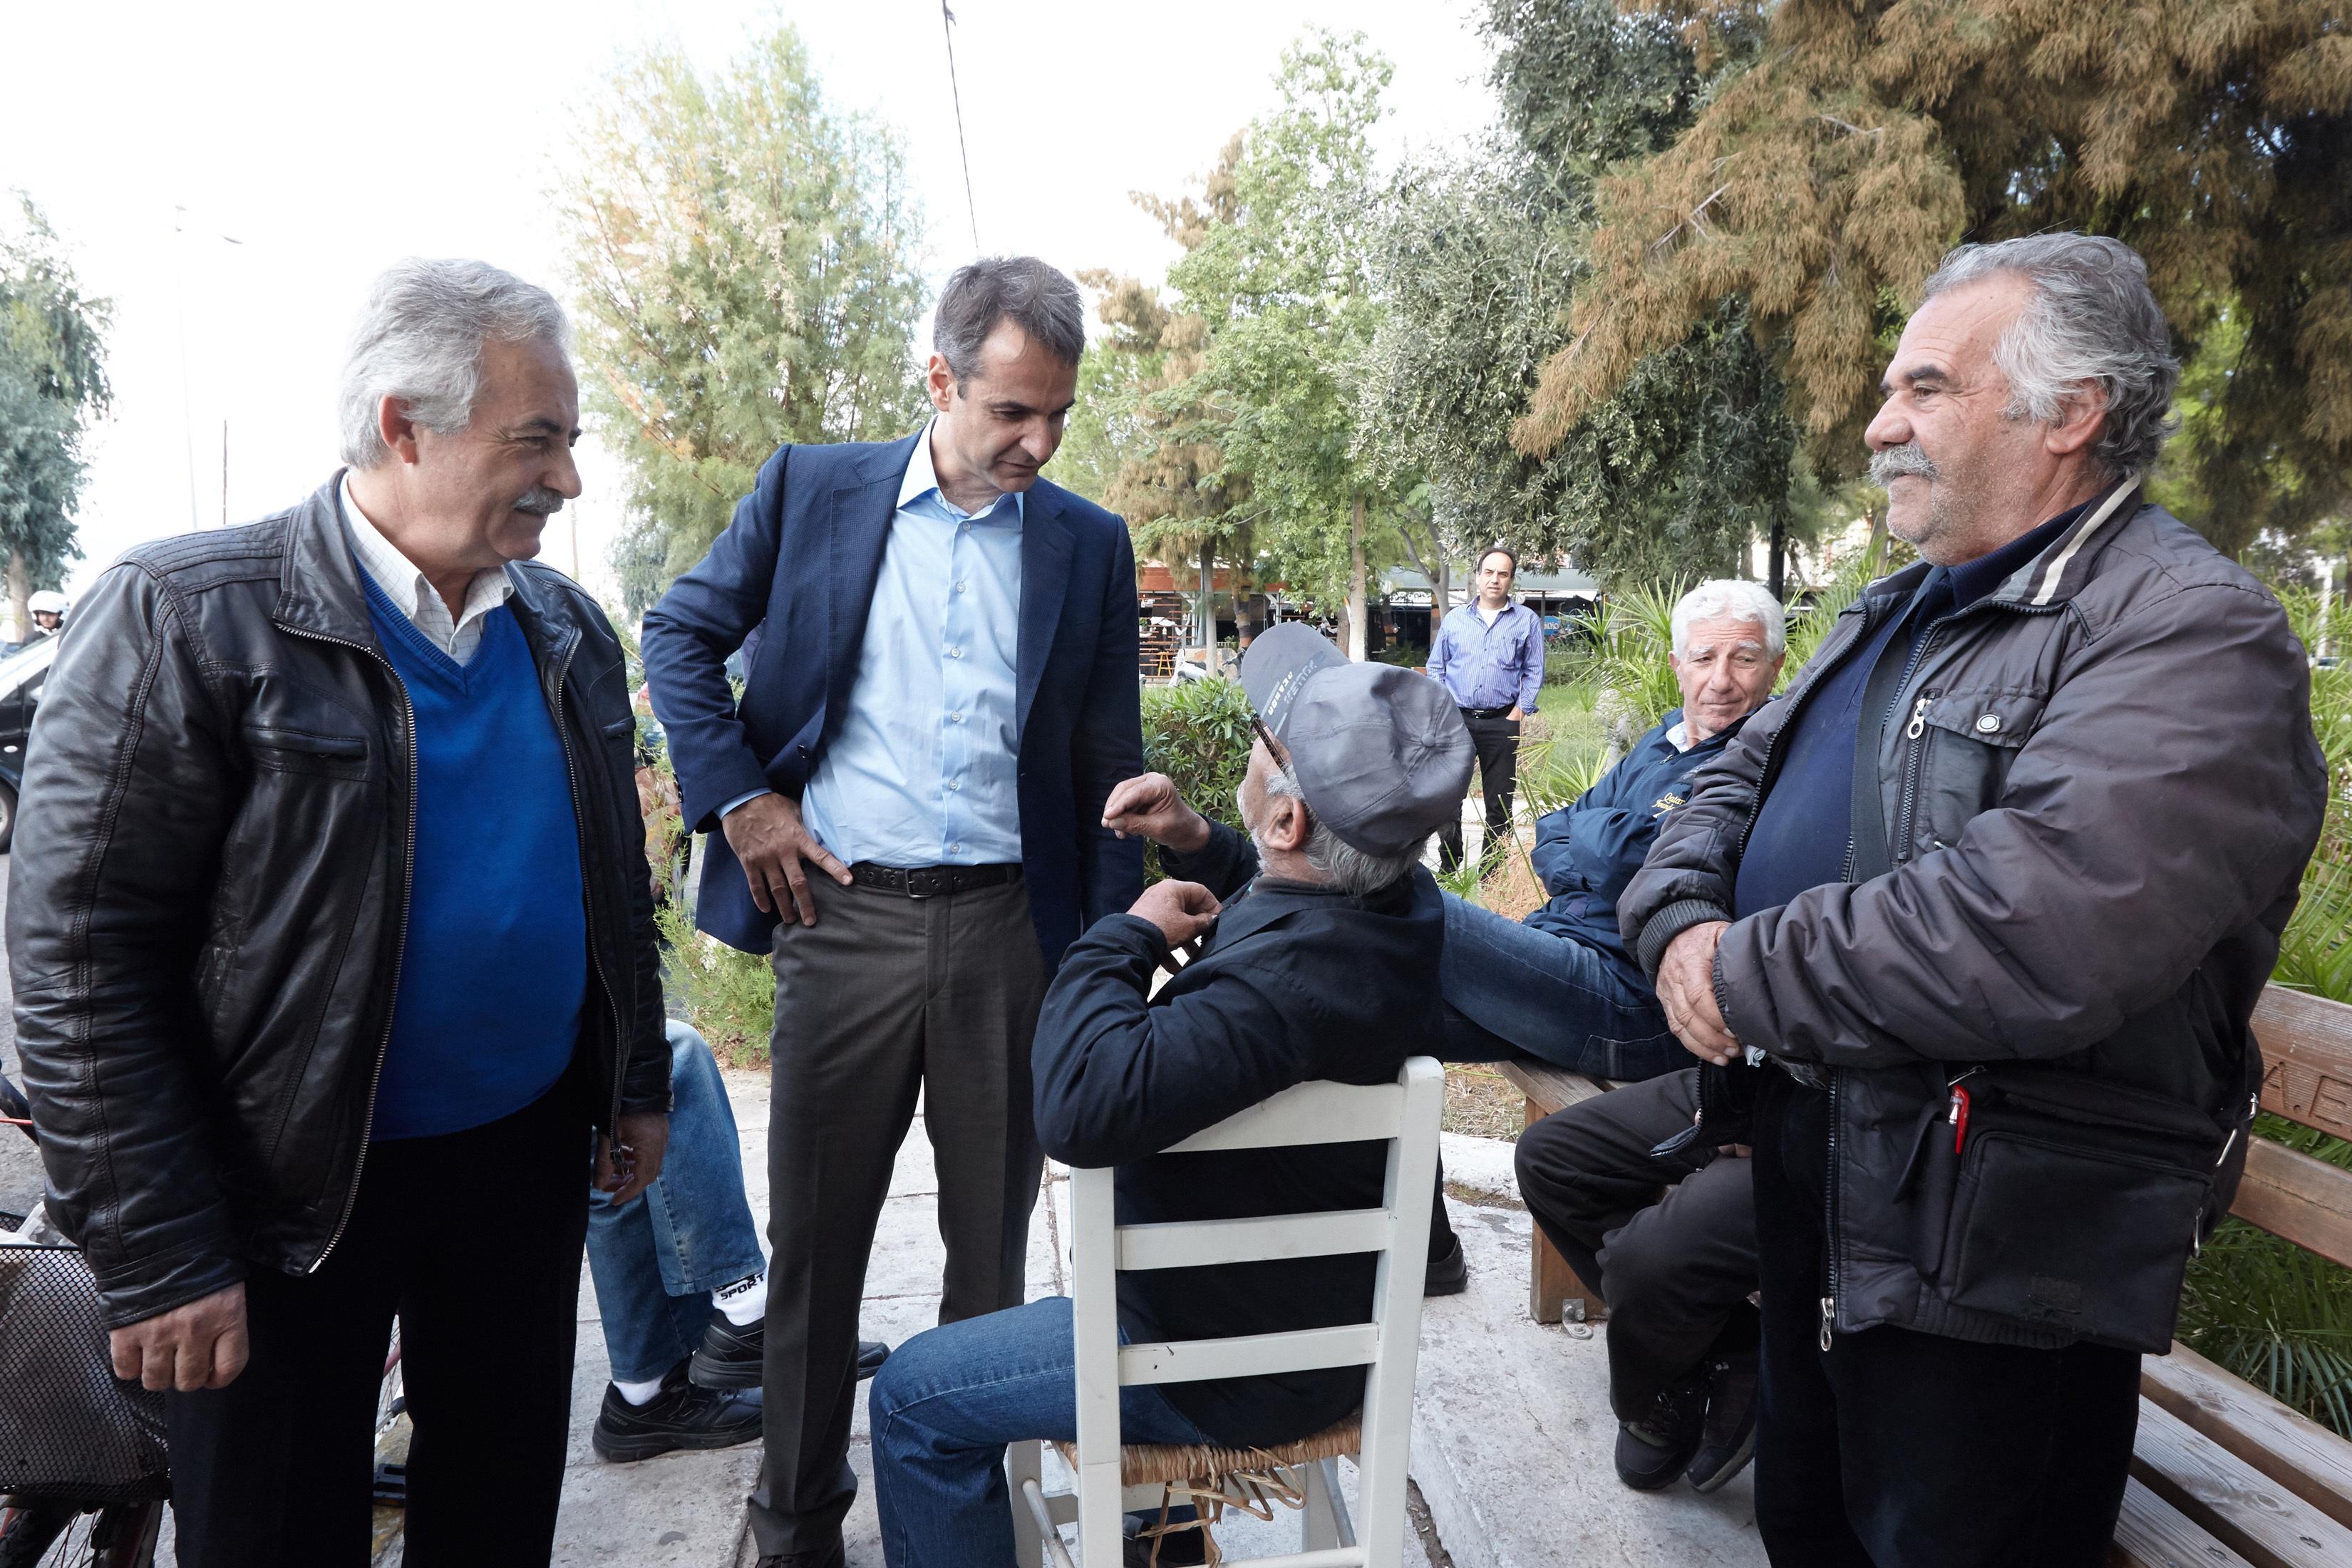 mitsotakis-egklovismenos-sta-adiexoda-toy-o-k-tsipras-photos1